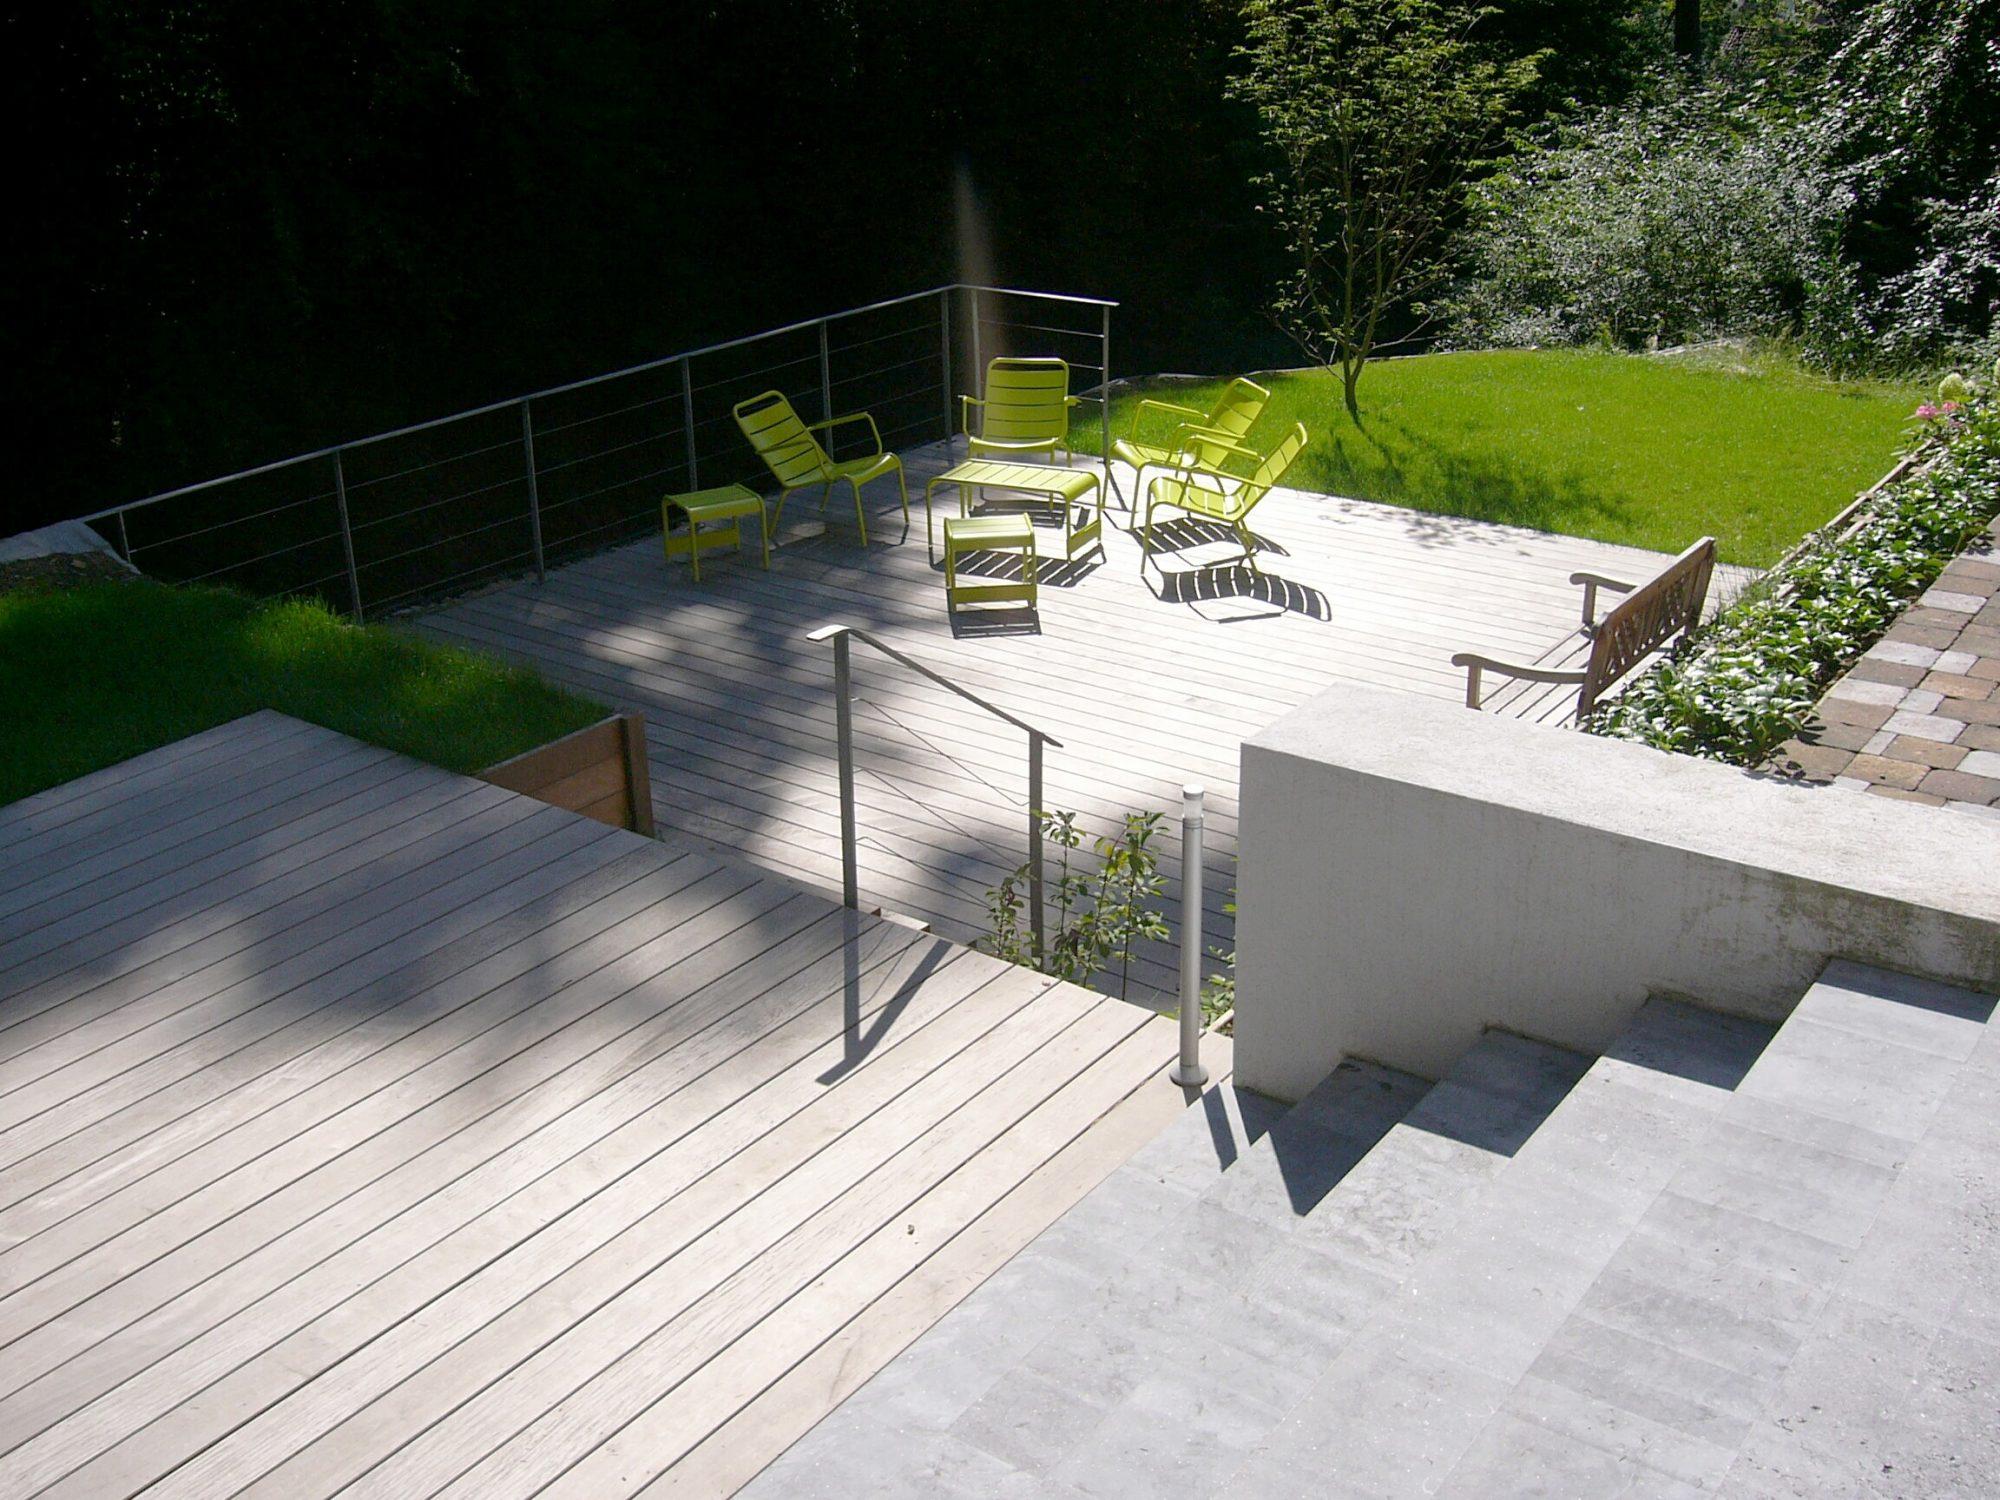 25 - Pierre Bleue Belge - escalier - Brut de Sciage